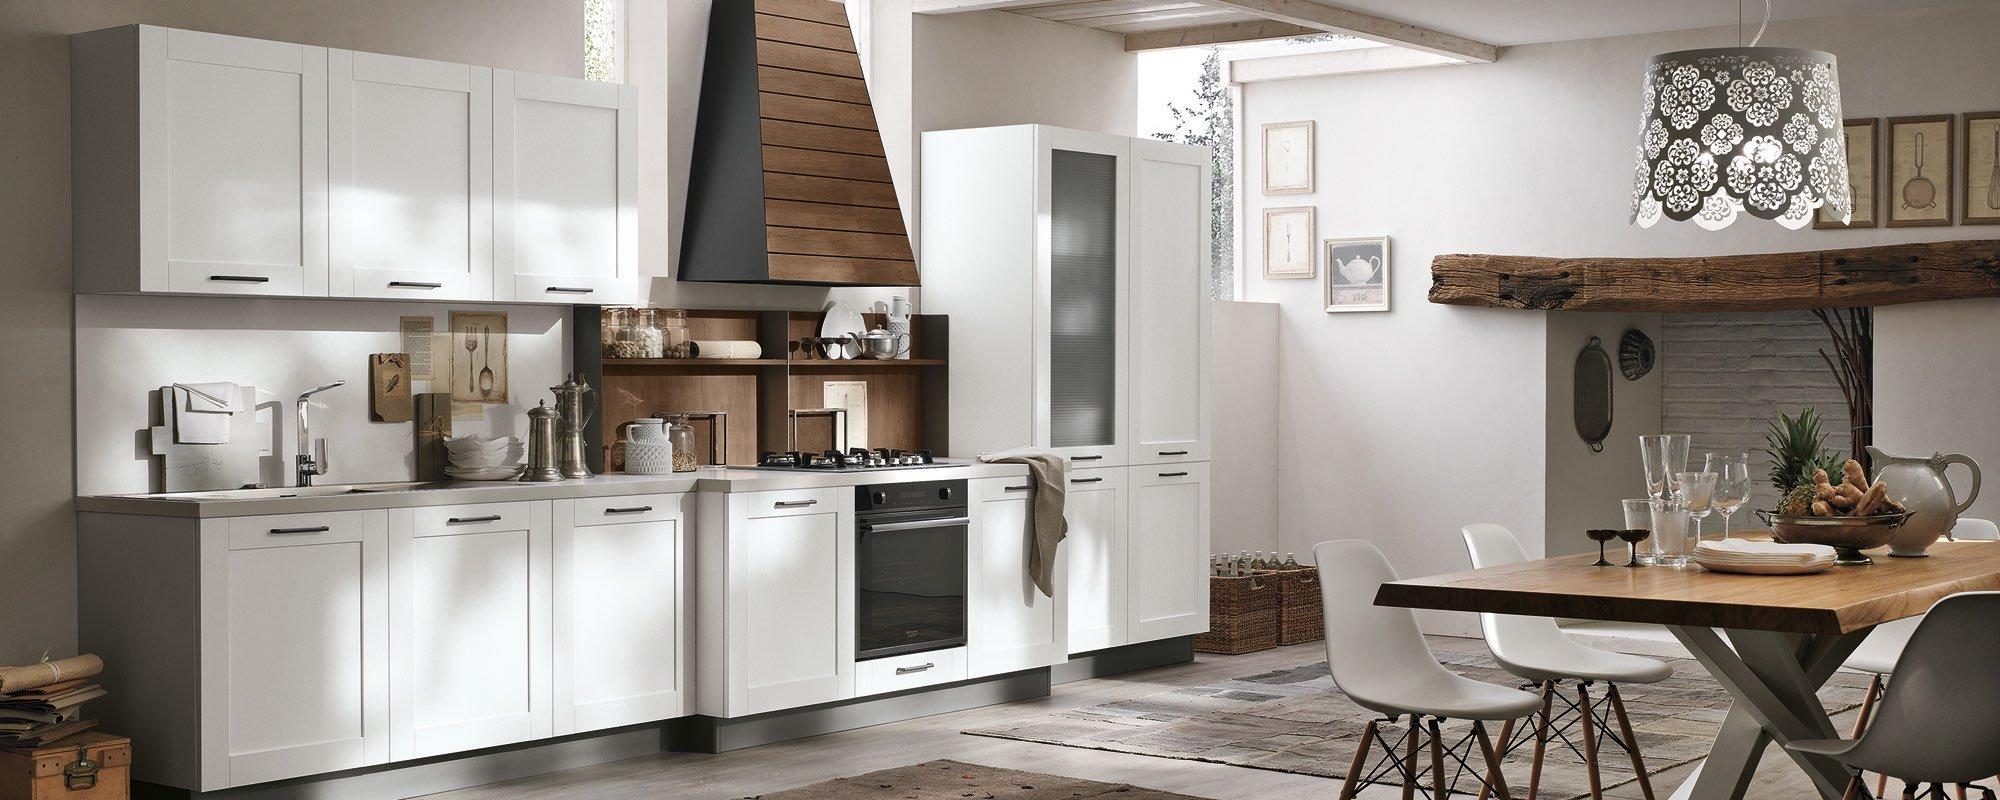 vista laterale di una cucina moderna in legno bianca con tavolo e sedie -CITY